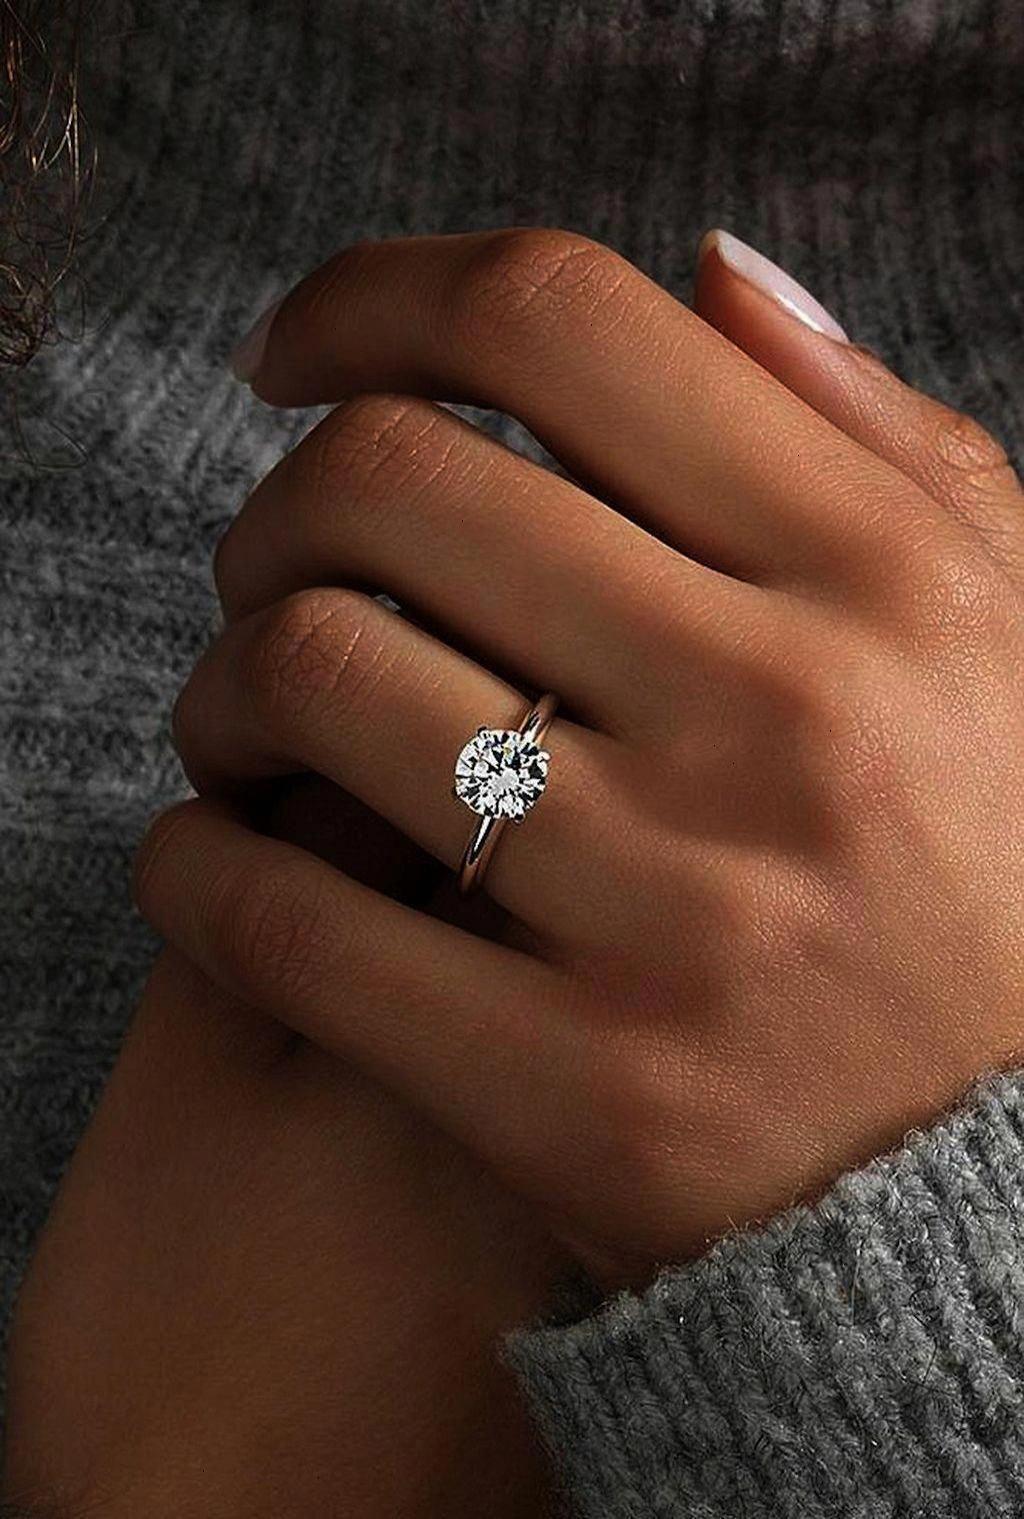 Fine Simple Wedding Ring 8363 Simpleweddingring Wedding Rings Simple Classic Wedding Rings Simple Engagement Rings